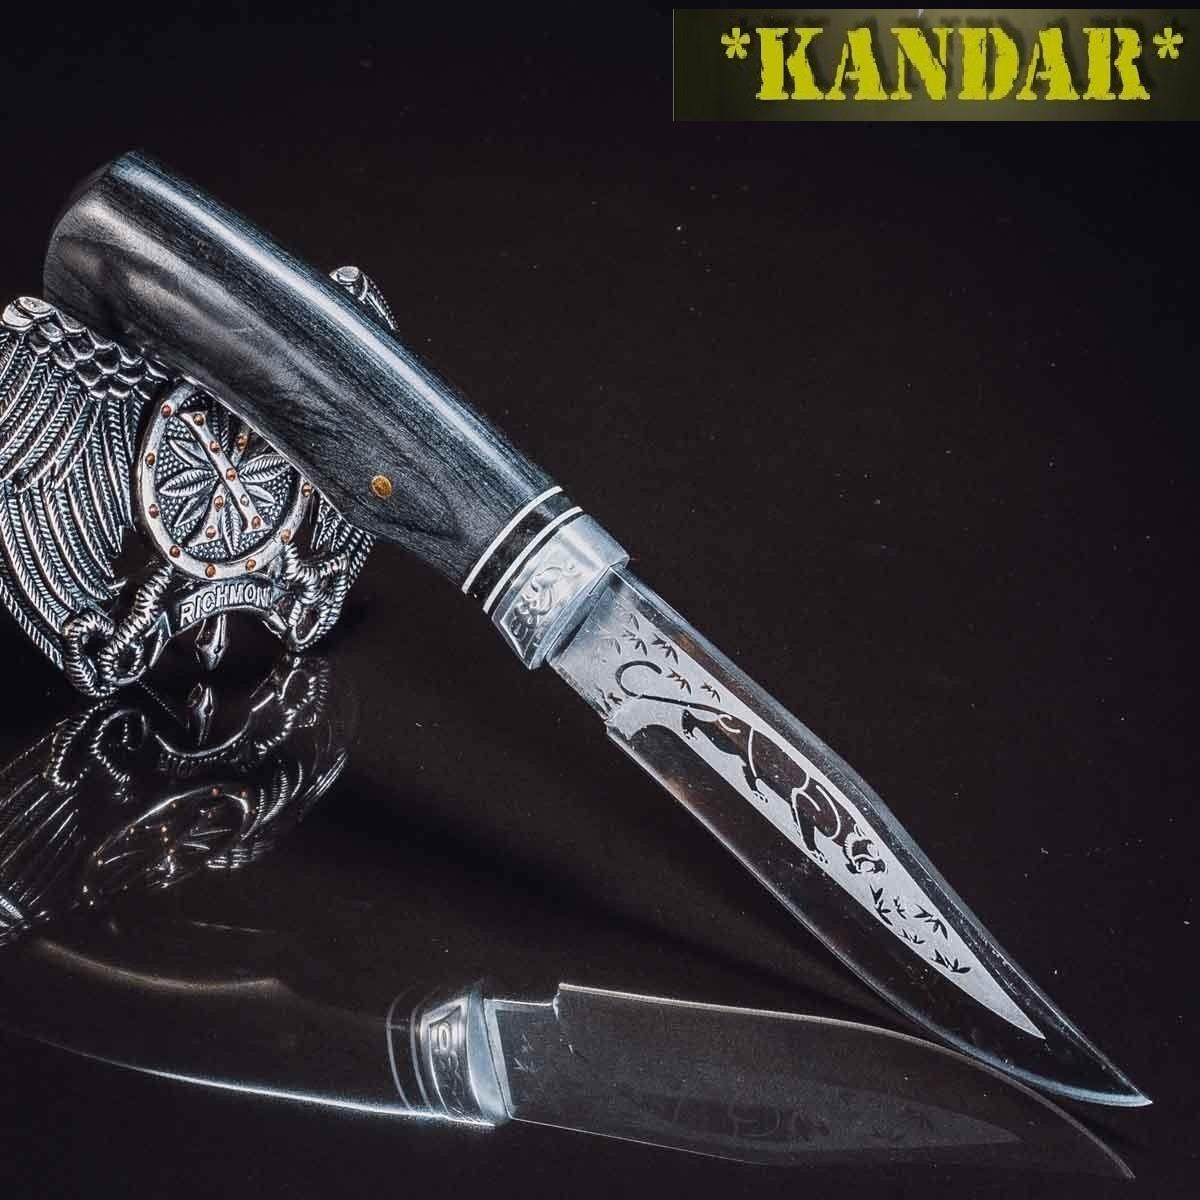 Нож Kandar - ножи для охоты и туризма Пантера с гравировкой.